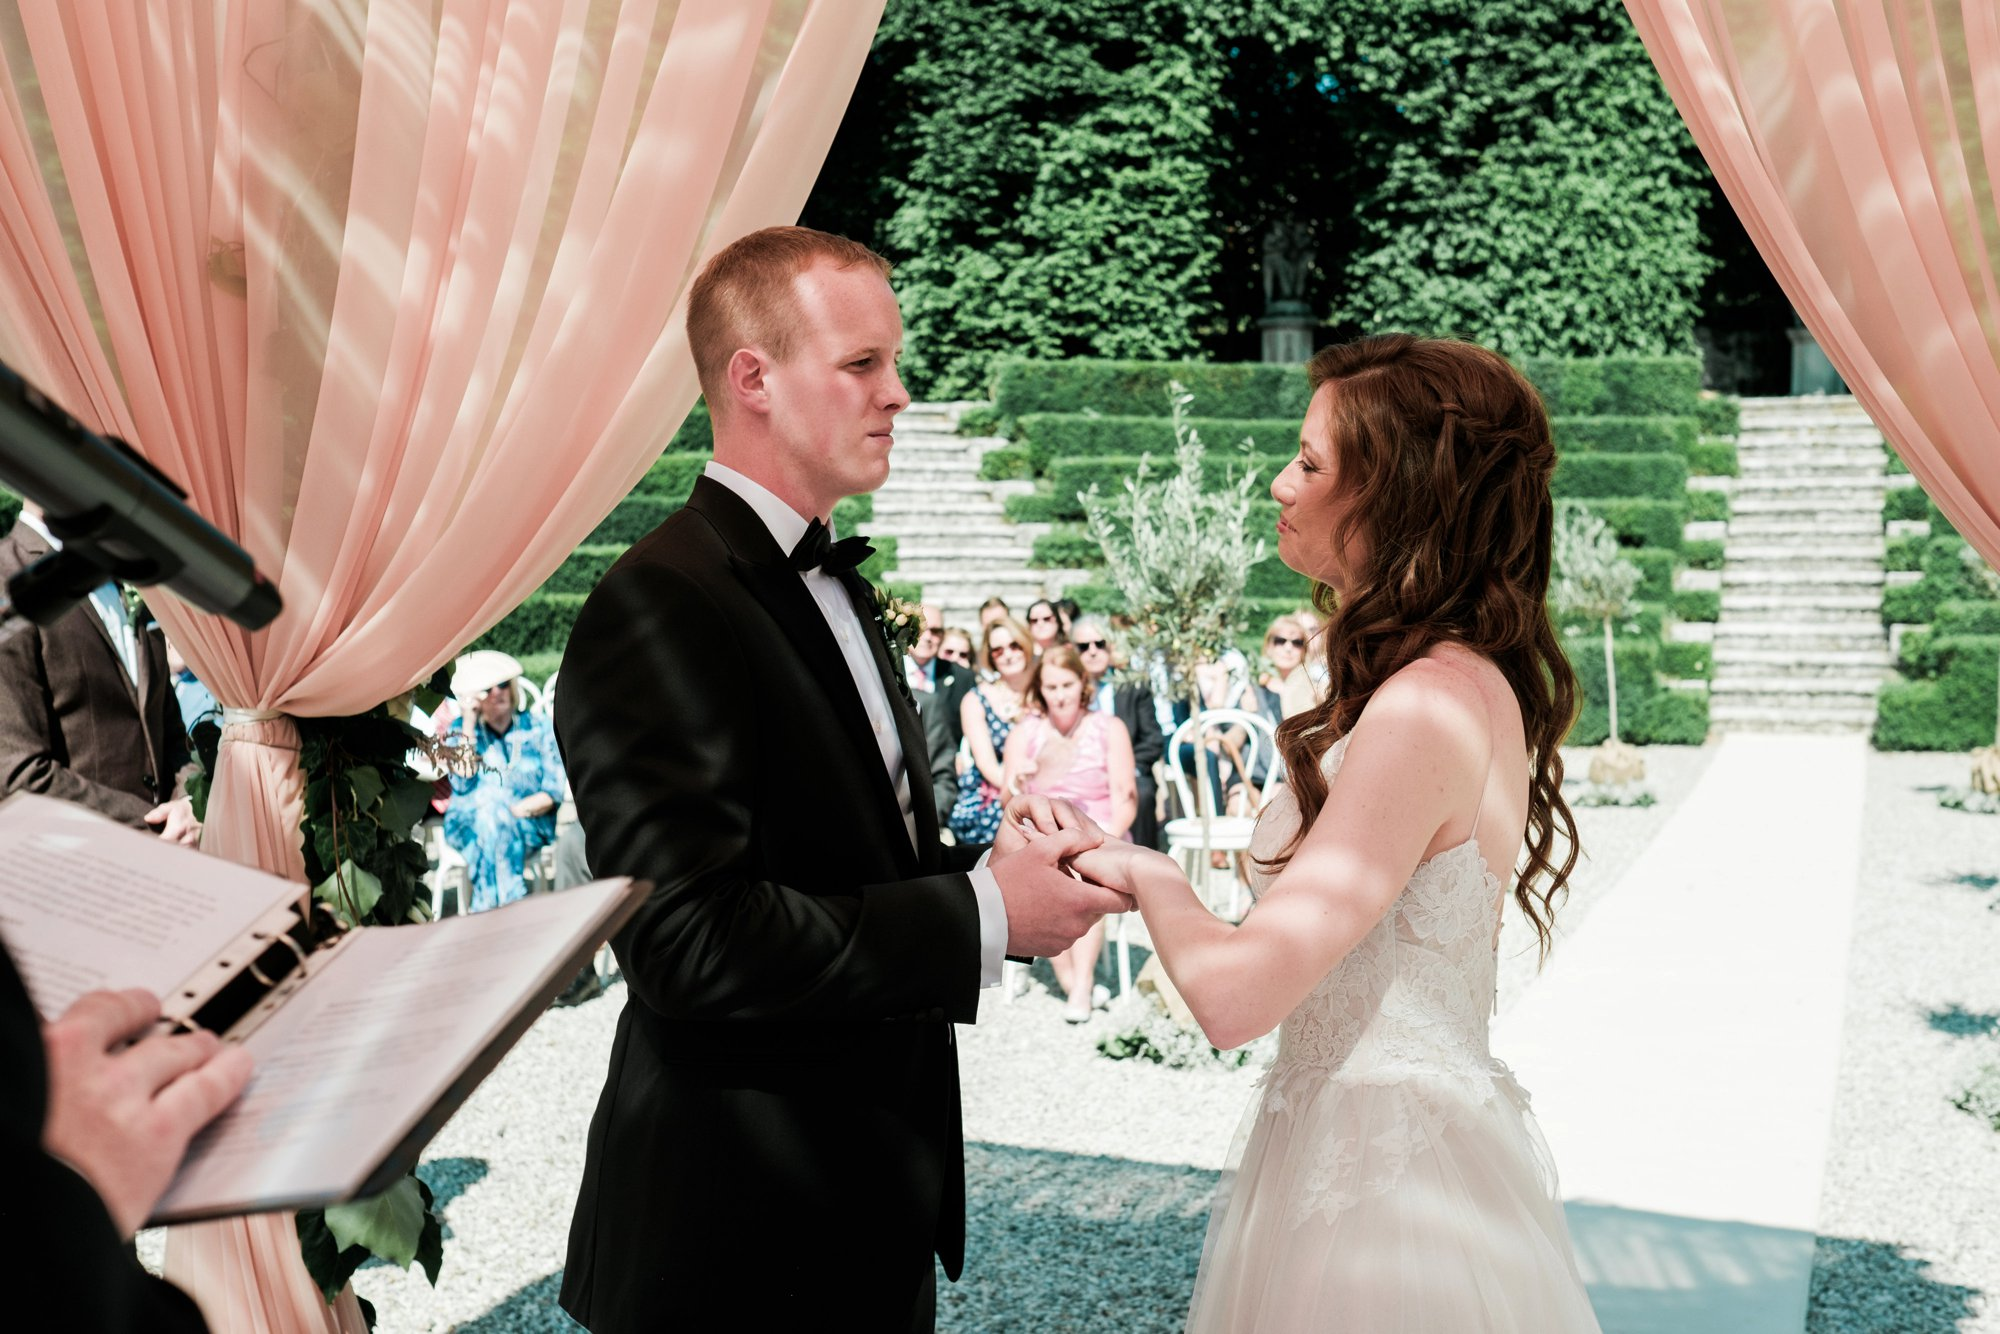 wedding in villa Rizzardi, A dreamy wedding in Villa Rizzardi: Matt&Giovanna